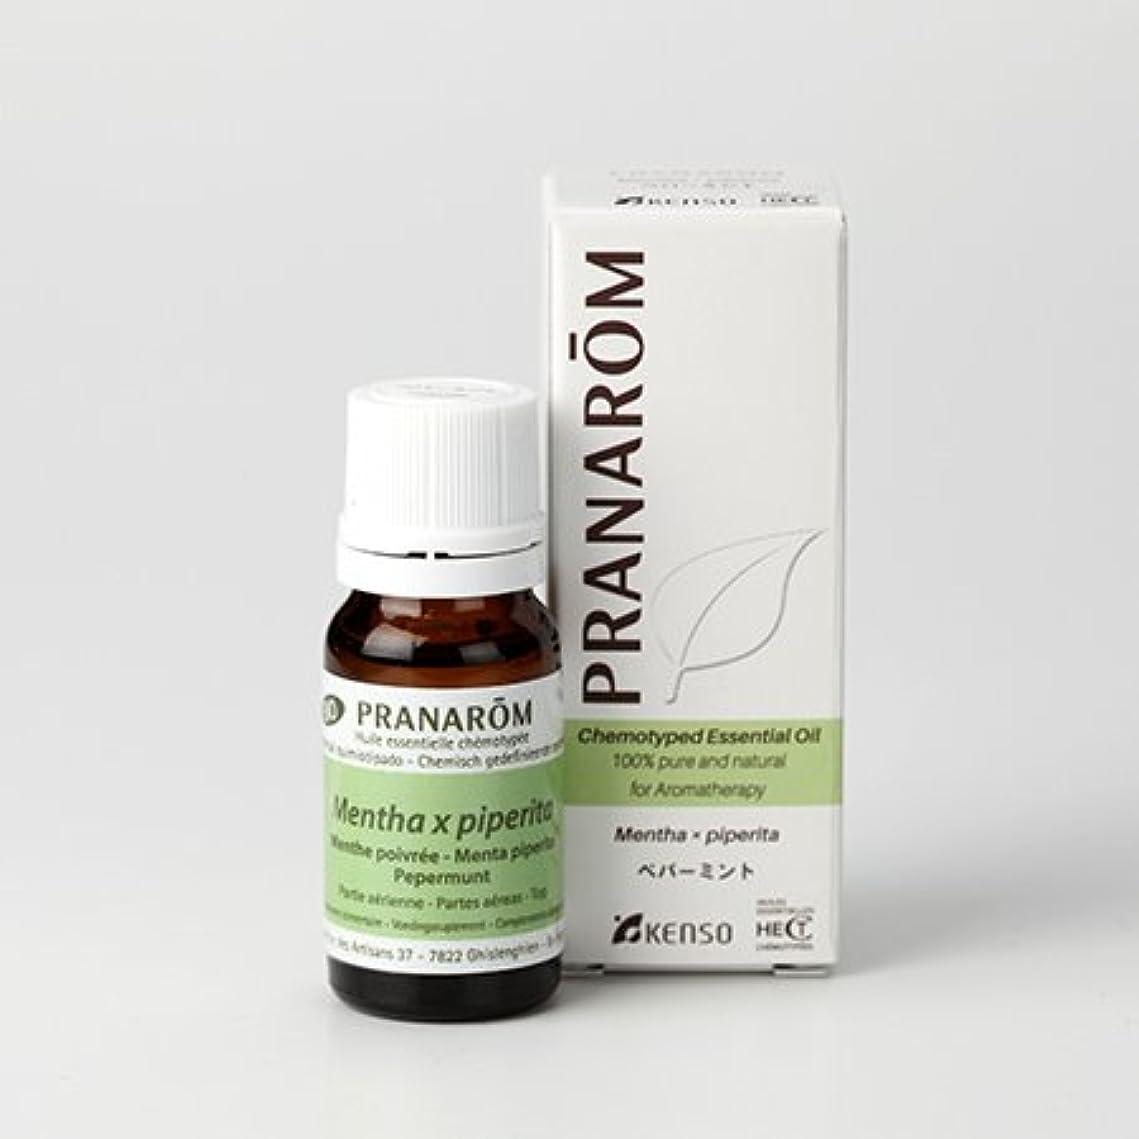 傾向ダーベビルのテス説得力のあるプラナロム ( PRANAROM ) 精油 ペパーミント 10ml p-119